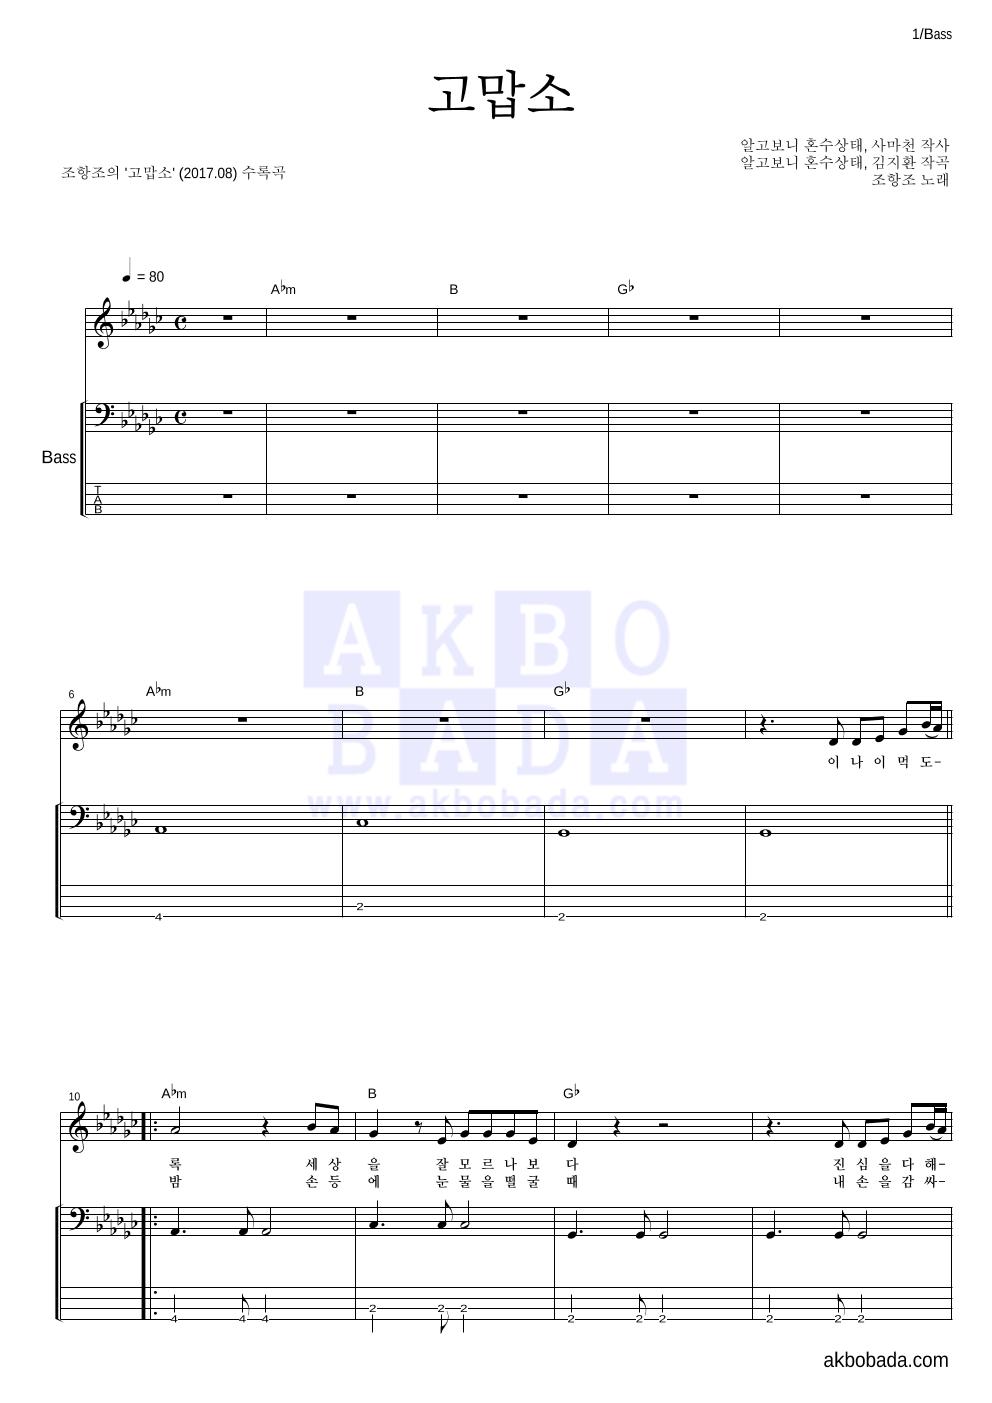 조항조 - 고맙소 베이스 악보